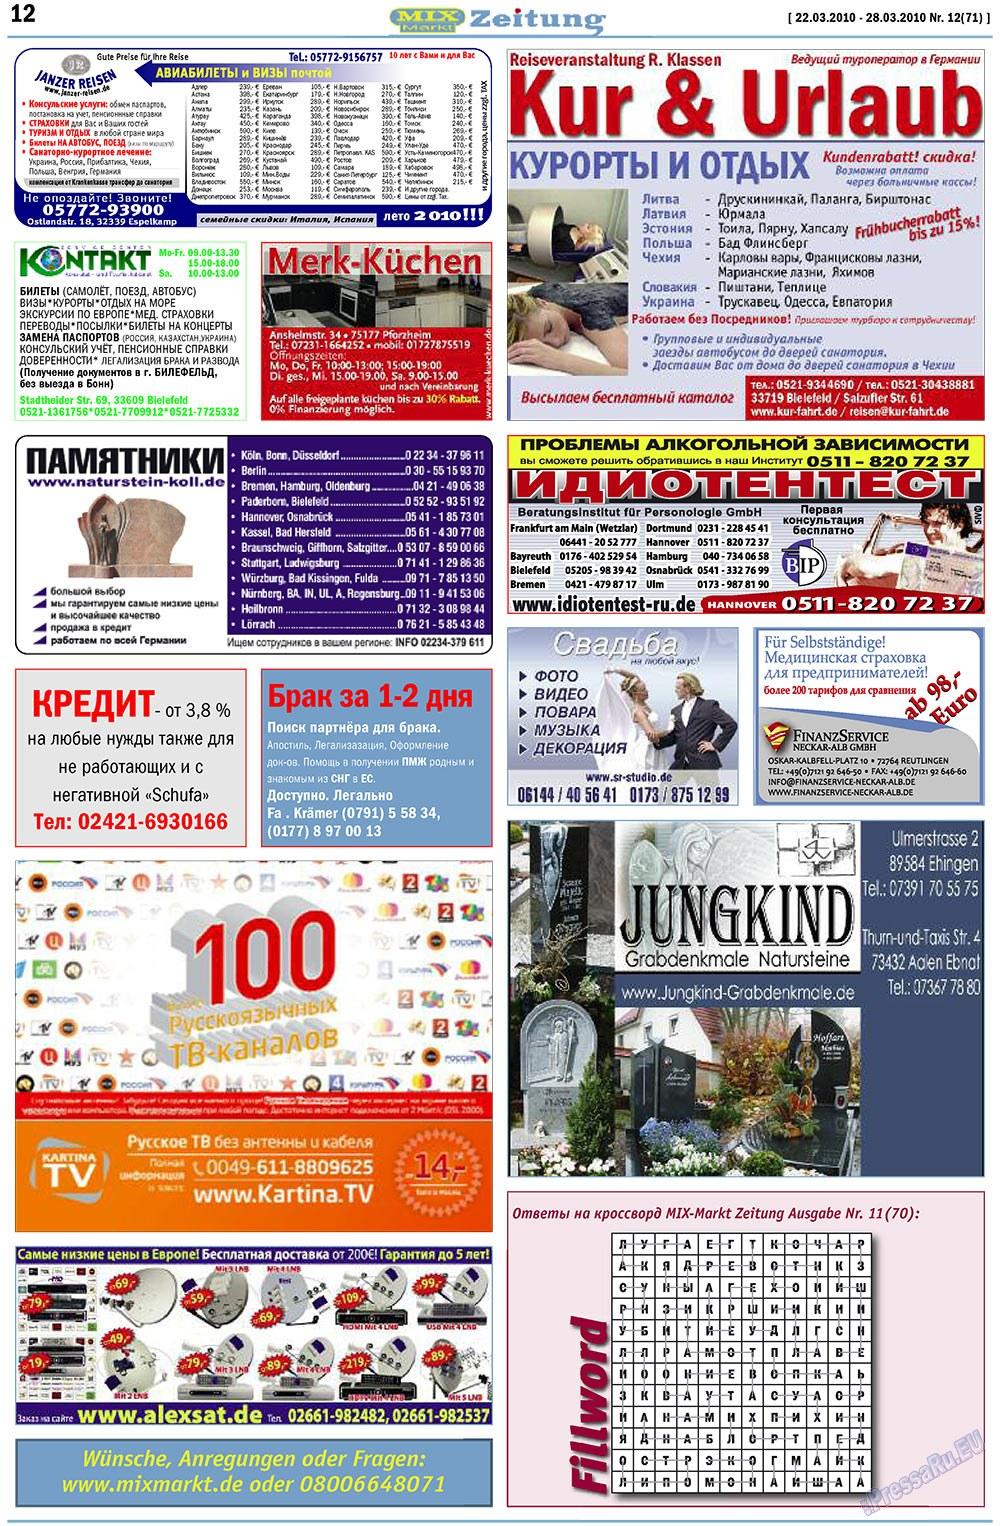 MIX-Markt Zeitung (газета). 2010 год, номер 12, стр. 12